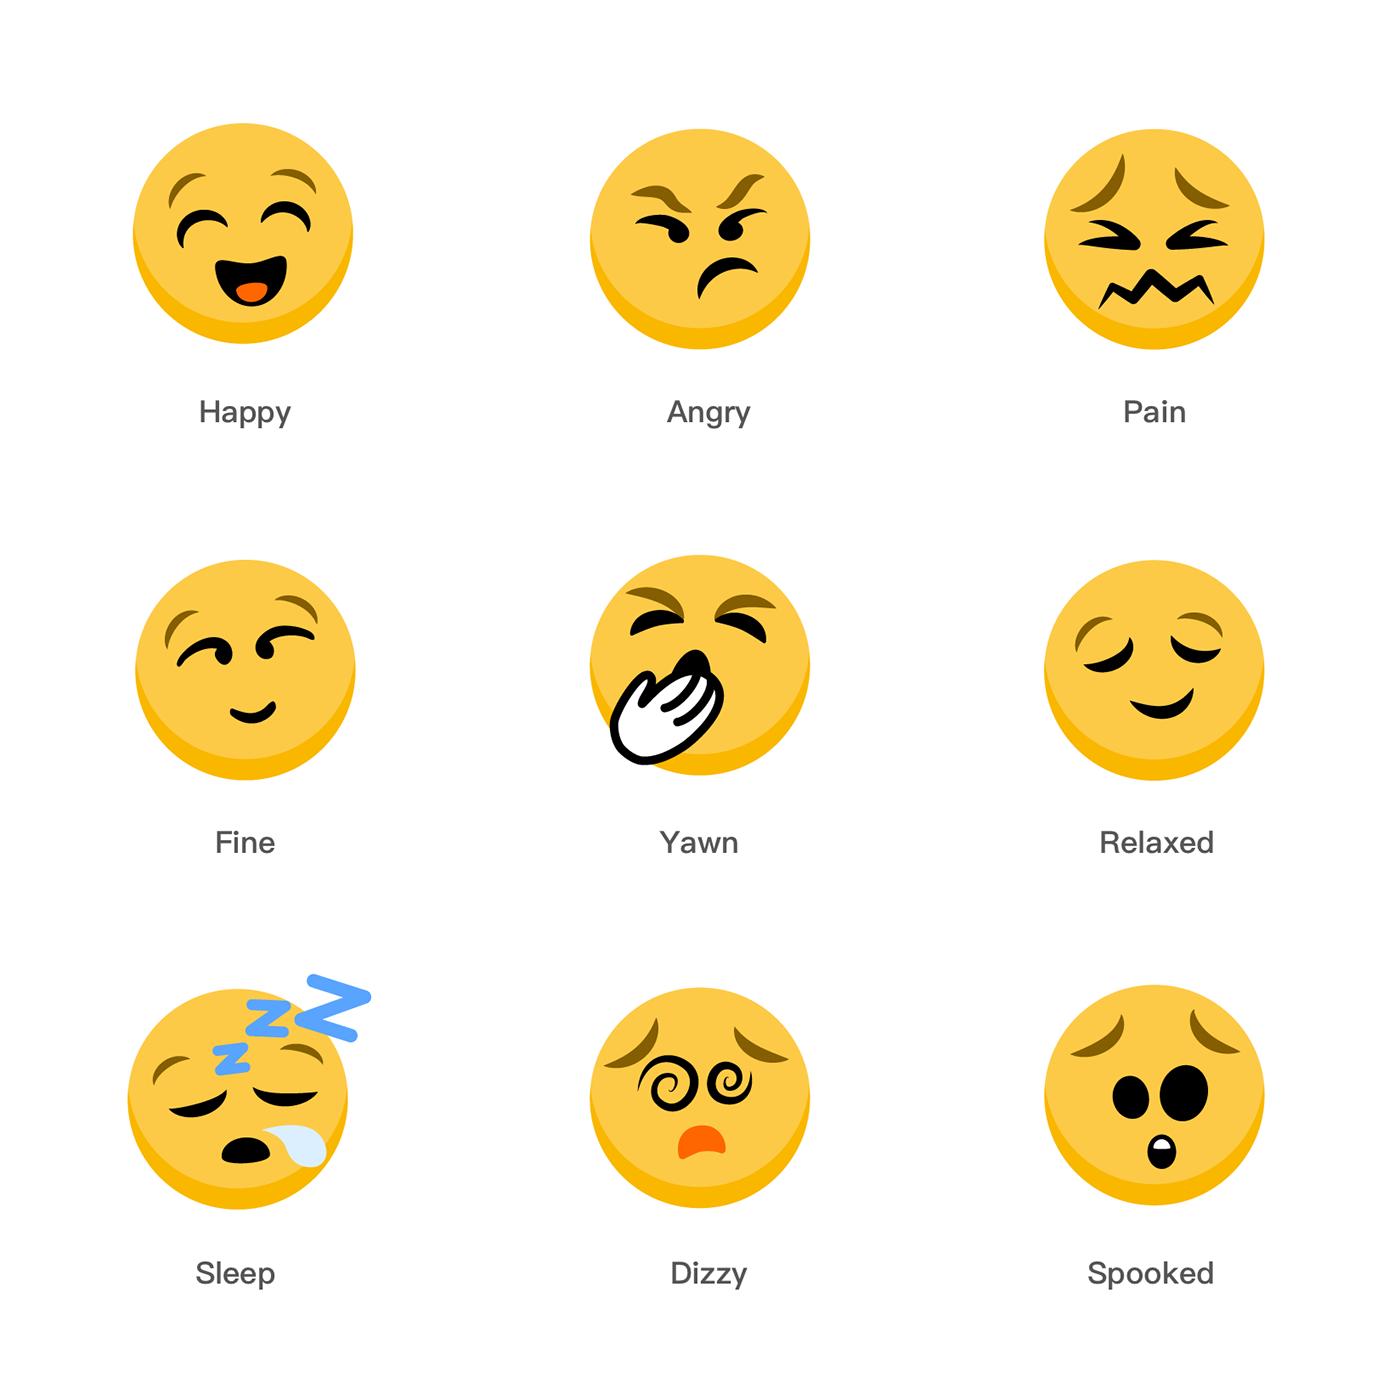 Emoticon Emoji emotions faces Illustrator cartoon mood